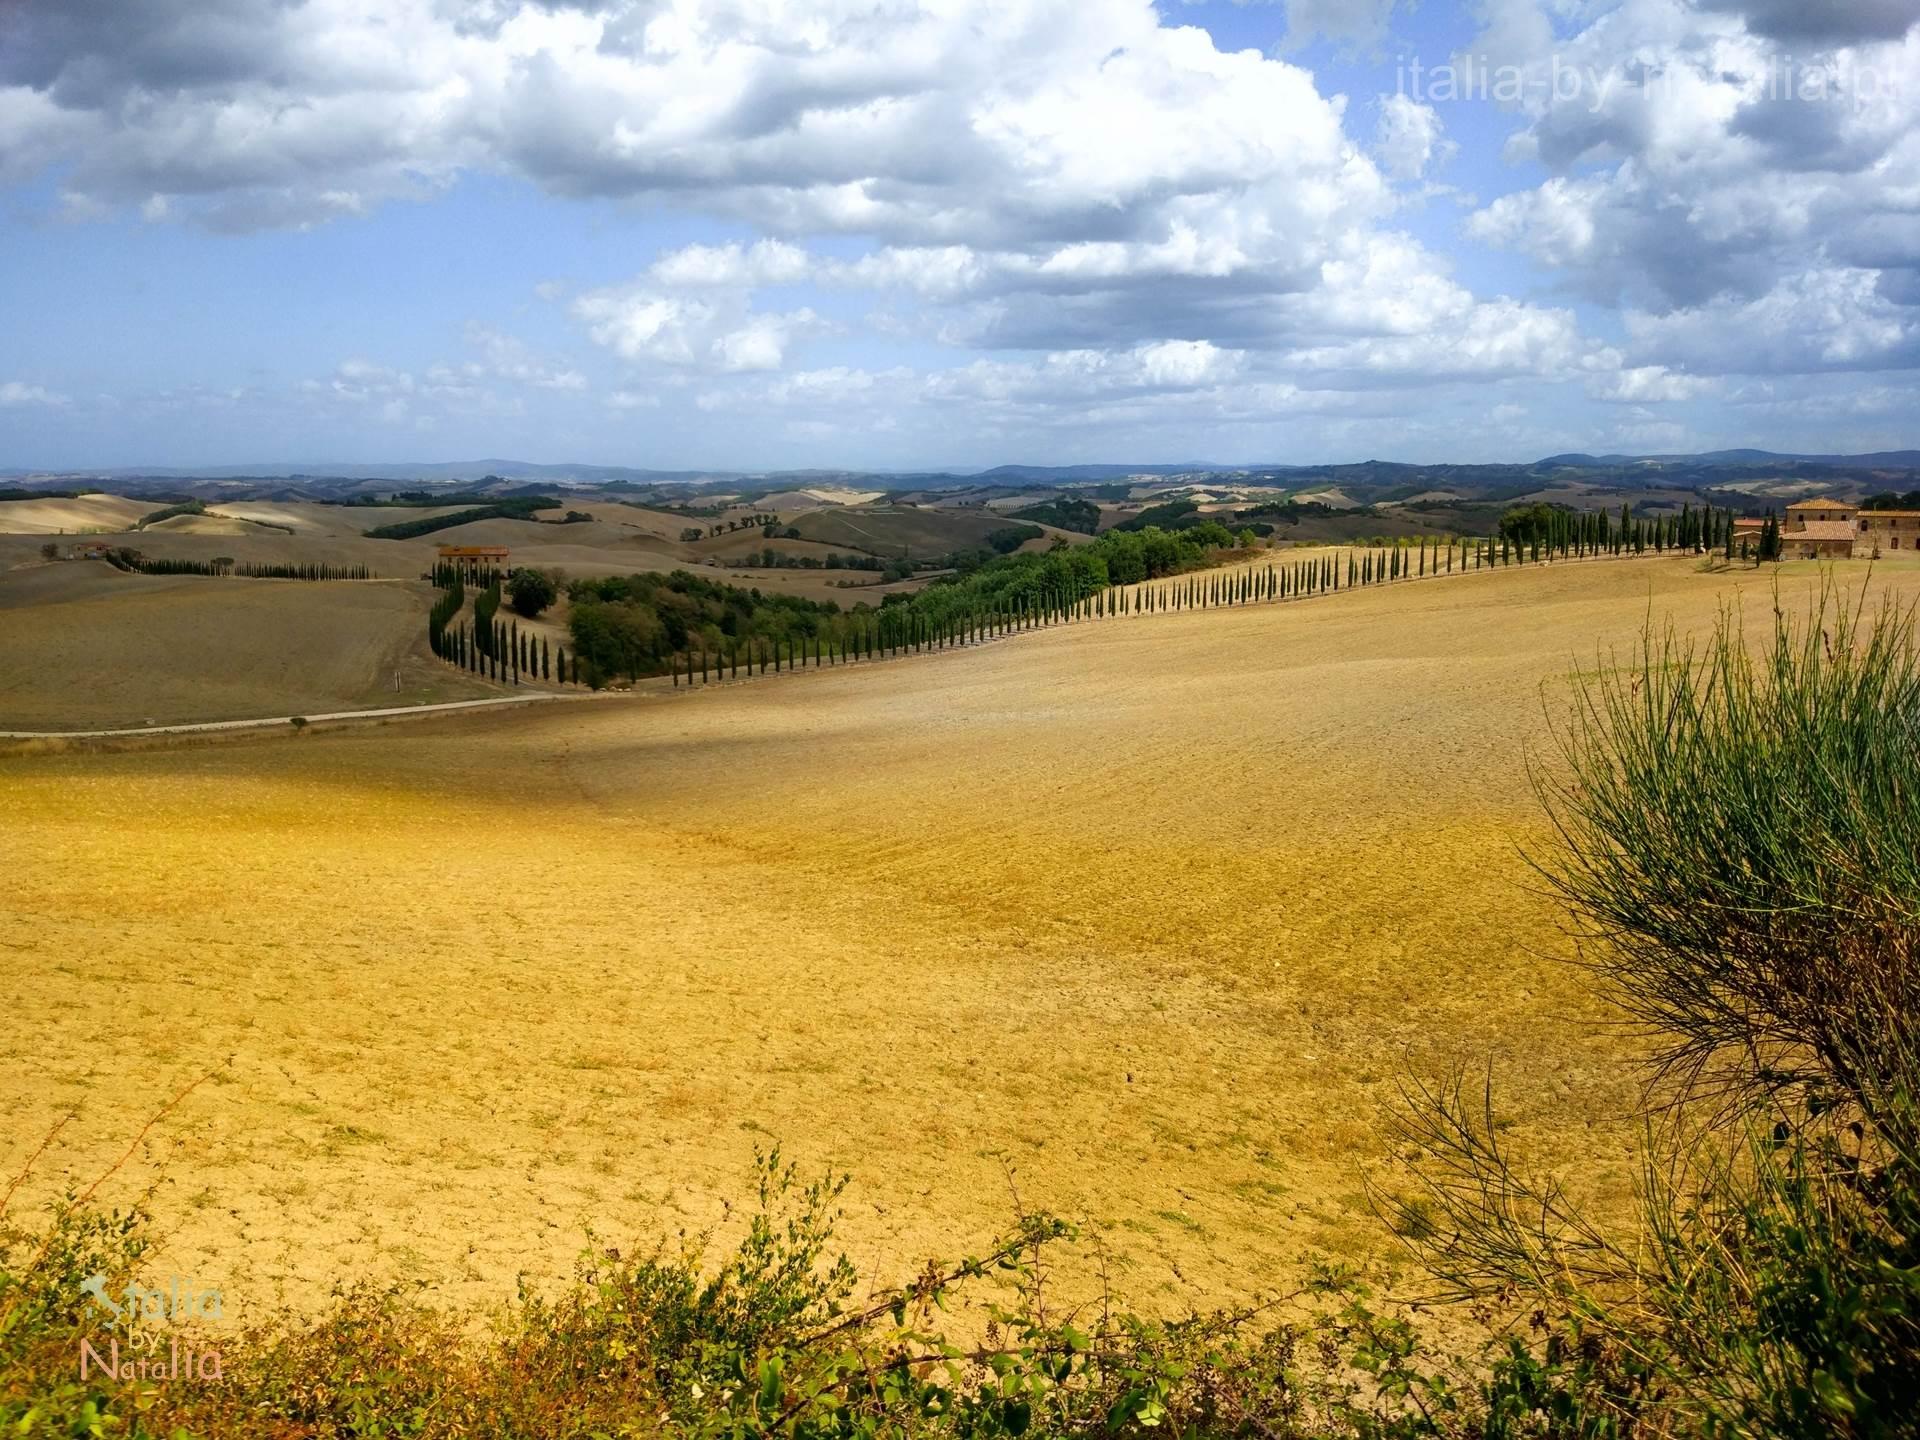 cyprysowa droga Toskania Buonconvento punkt widokowy panorama